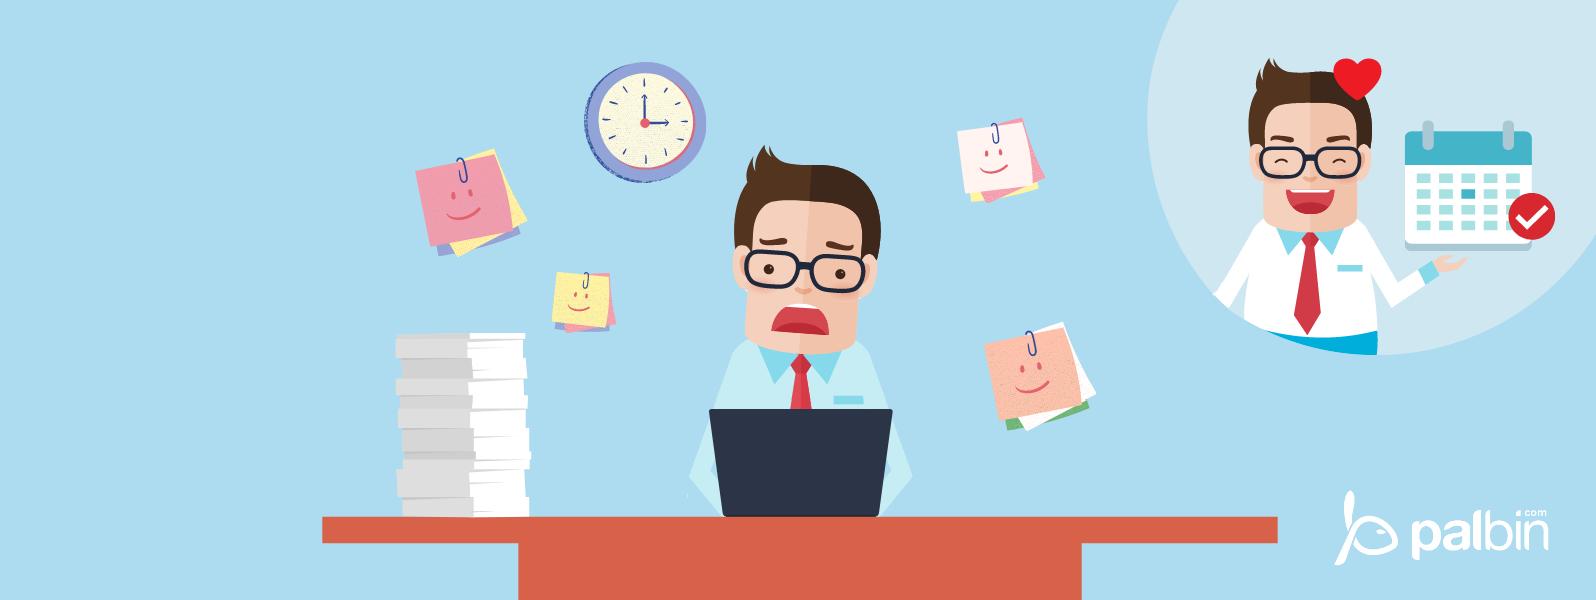 cómo configurar una rutina de marketing eficaz con aplicaciones de calendario cuando trabaja con un equipo remoto. Incluye recomendaciones de herramientas.